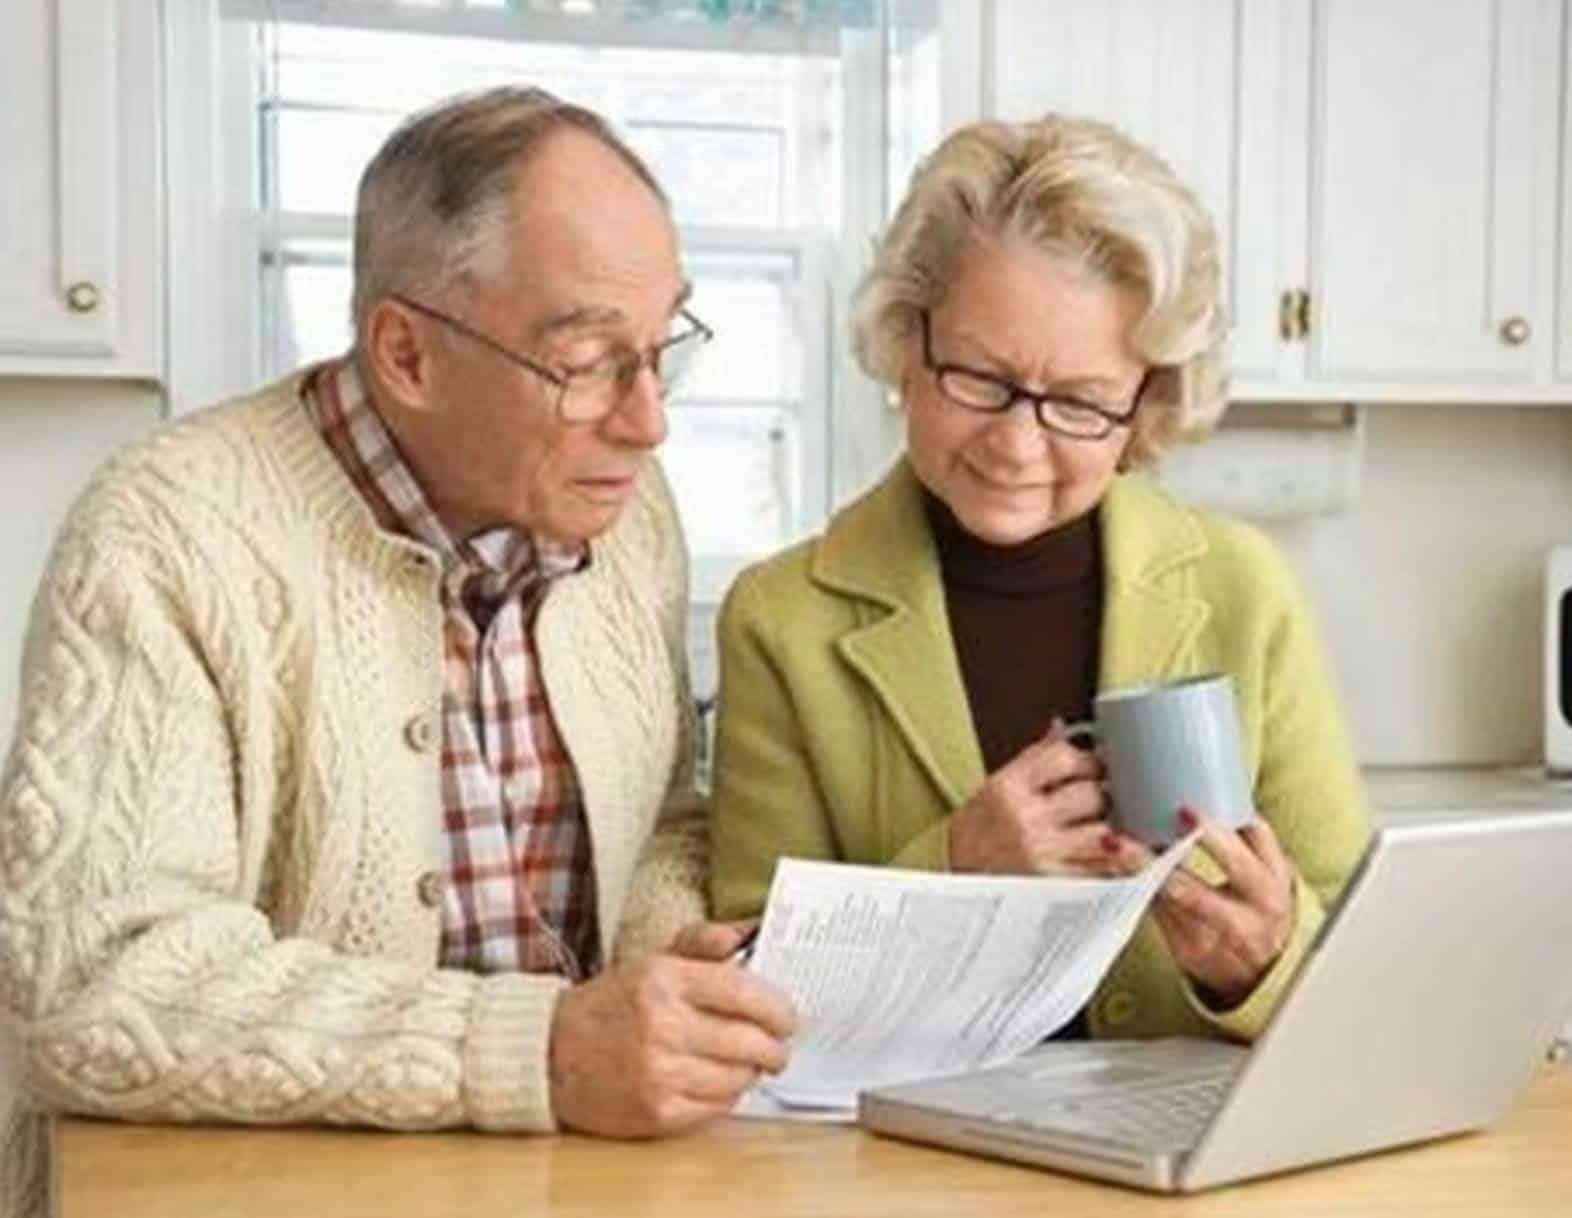 INSS divulga modelo de carta que vai começar a enviar para aposentados e pensionistas